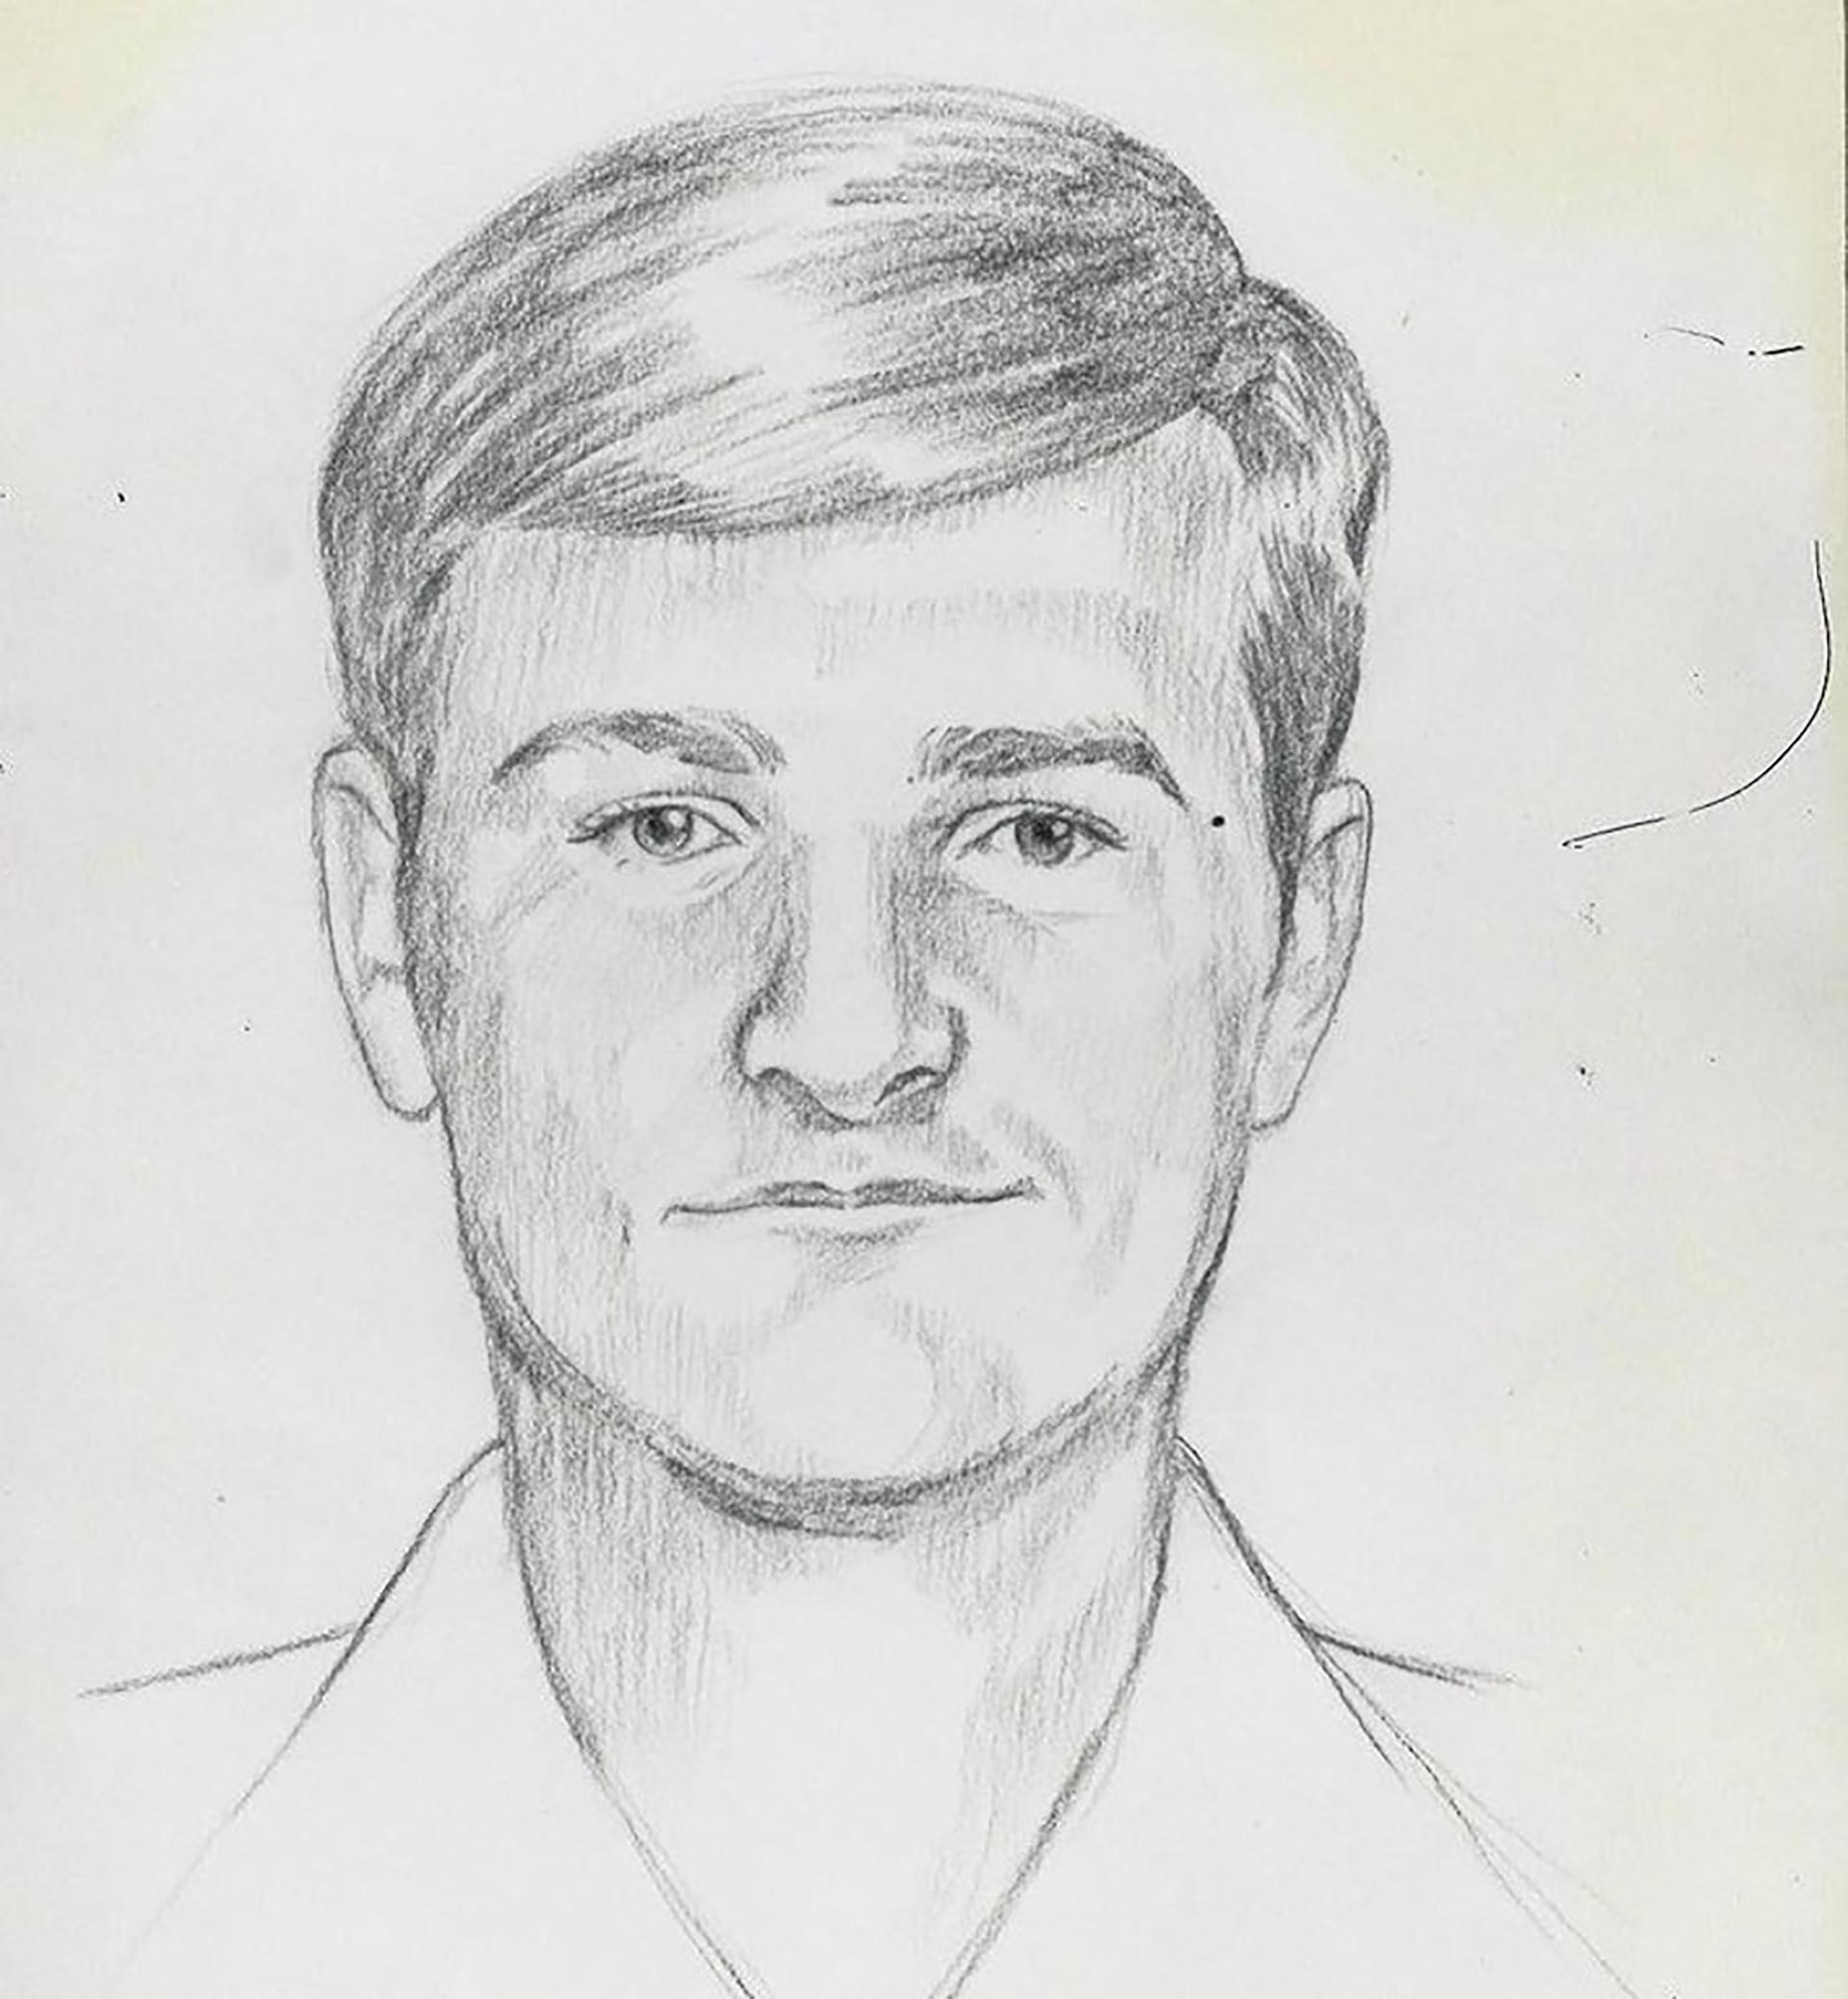 Los detectives persiguieron durante 40 años a Joseph DeAngelo (FBI)